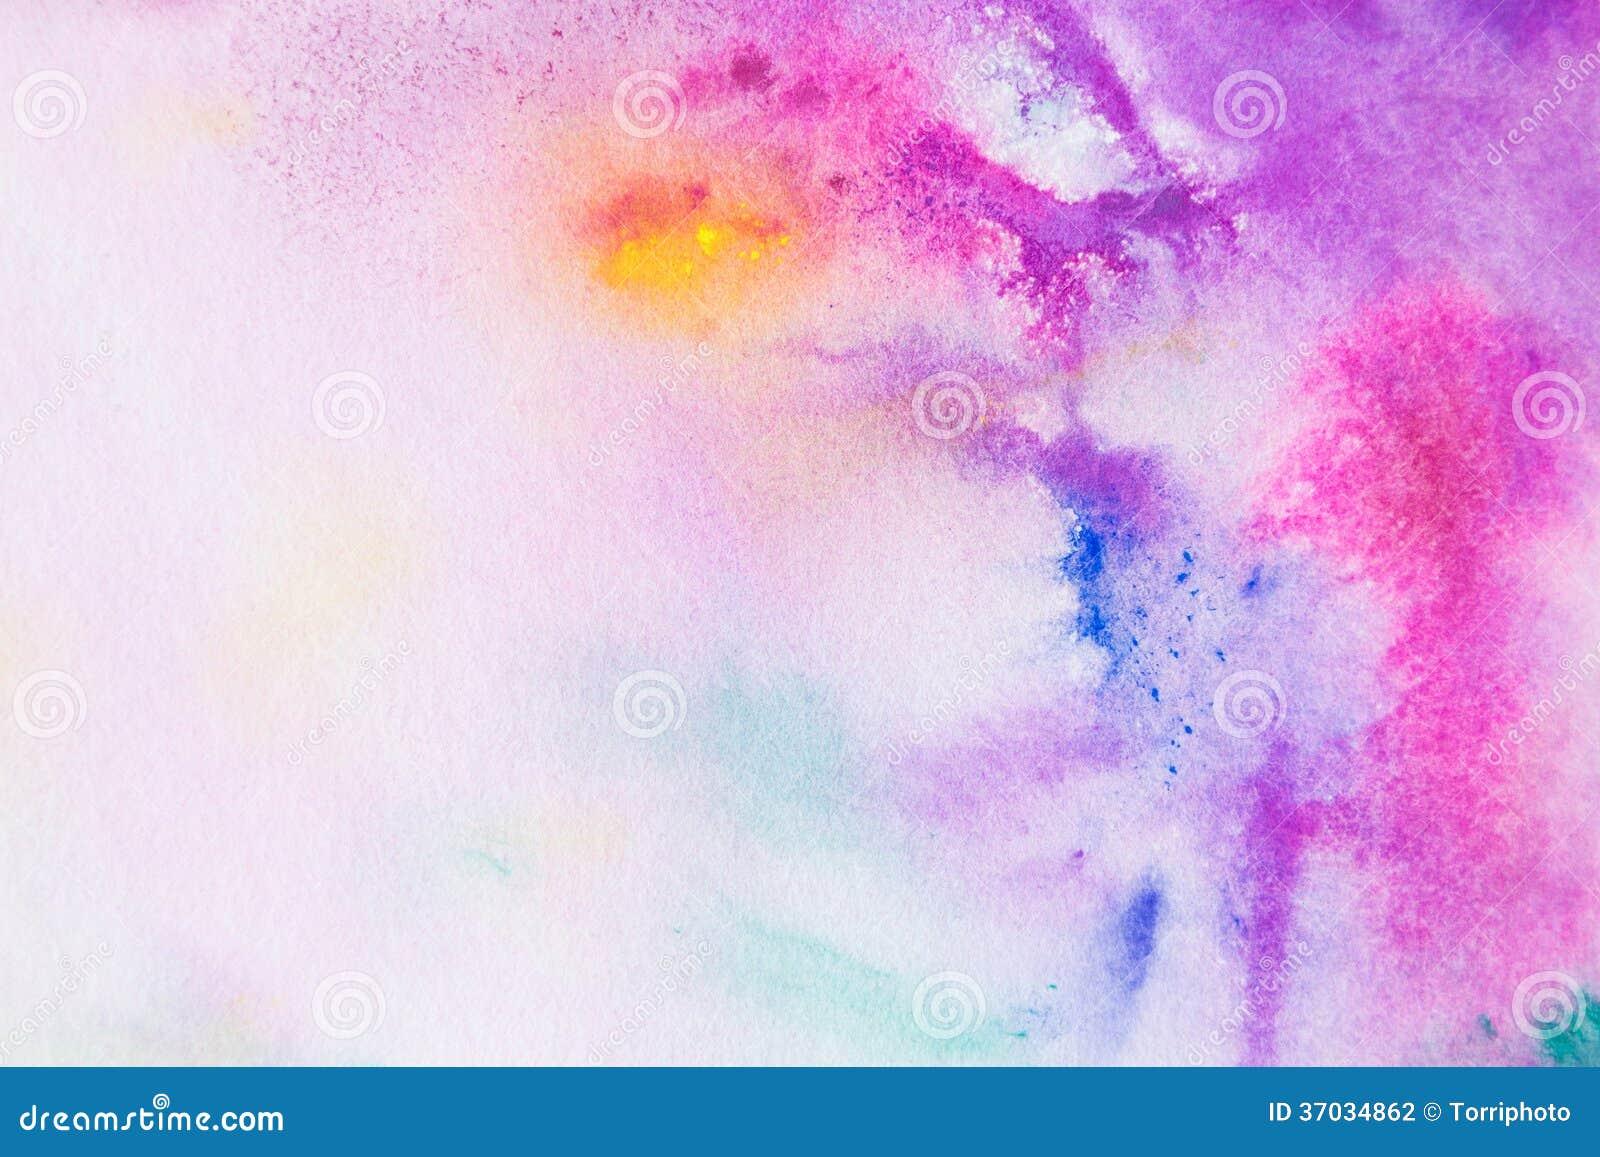 Как сделать цветной фон акварелью